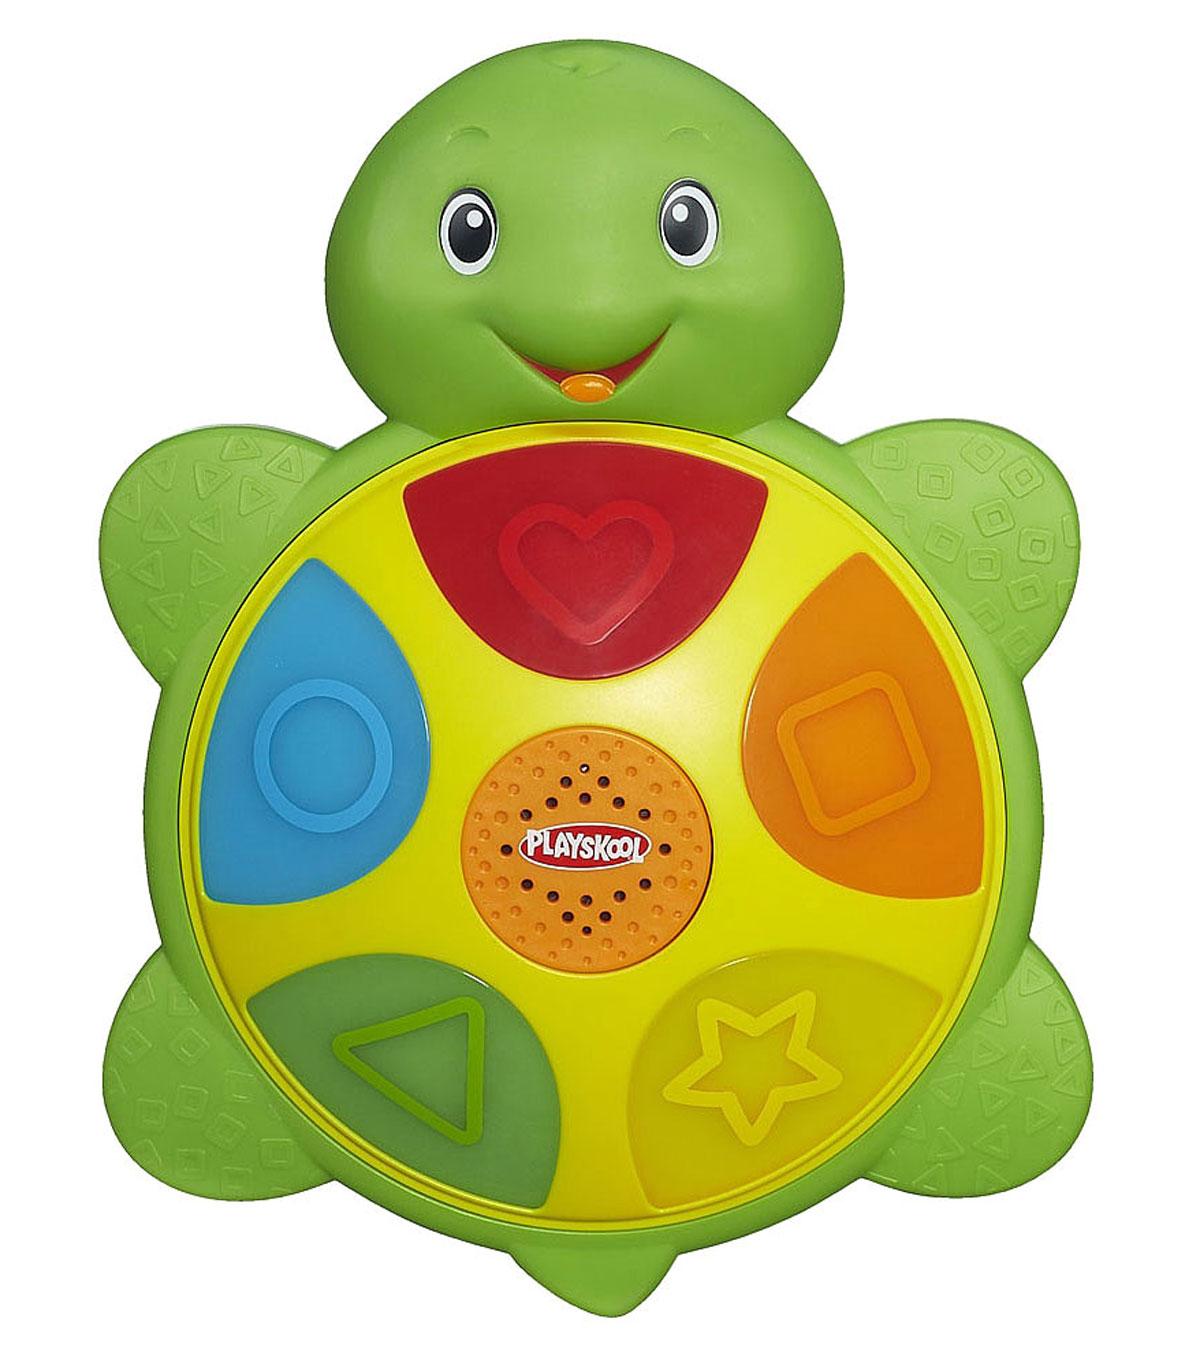 Развивающая игрушка Playskool ЧерепашкаA6046121Развивающая игрушка Playskool Черепашка привлечет внимание вашего малыша и не позволит ему скучать. Она выполнена из прочного безопасного пластика ярких цветов в виде милой черепашки, на панцире которой расположены шесть кнопок. На кнопках красного, оранжевого, желтого, зеленого и синего цветов изображены сердце, квадрат, звезда, треугольник и круг. При нажатии на кнопки, они подсвечиваются. Игрушка предусматривает четыре режима игры: Цвета - малыш знакомится с цветами, соответствующими кнопке; Формы - ребенок знакомится с формами, изображенными на кнопке; Музыка - при нажатии на кнопки звучат веселые нотки или мелодии; Следи за мной - кнопки по очереди задорно мигают, что учит кроху следить за движущимся объектом. Меняется режим путем нажатия на центральную кнопку. Игрушка Черепашка поможет ребенку развить цветовое и звуковое восприятия, внимание, память, мышление и мелкую моторику рук. Рекомендуется докупить 3 батареи...